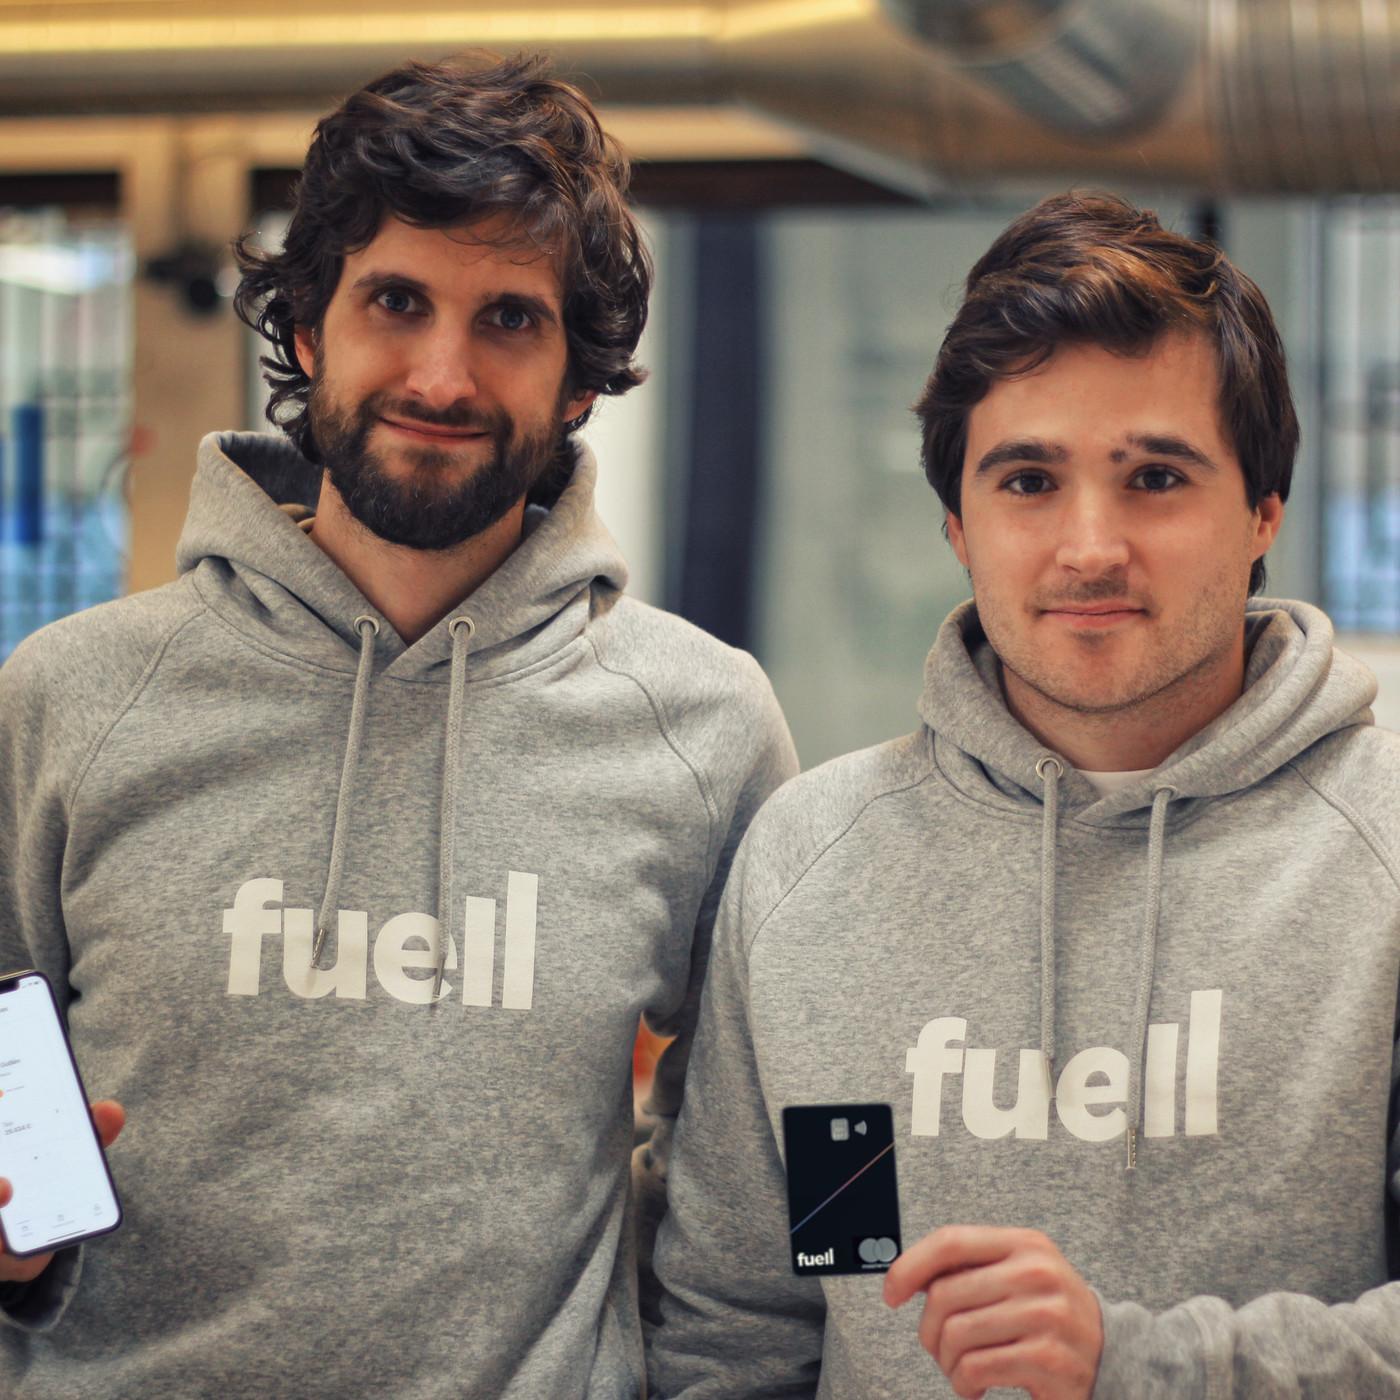 Fintech e inversión, con Daniel Seijo y Eduardo Ortiz de Lanzagorta (Fuell)